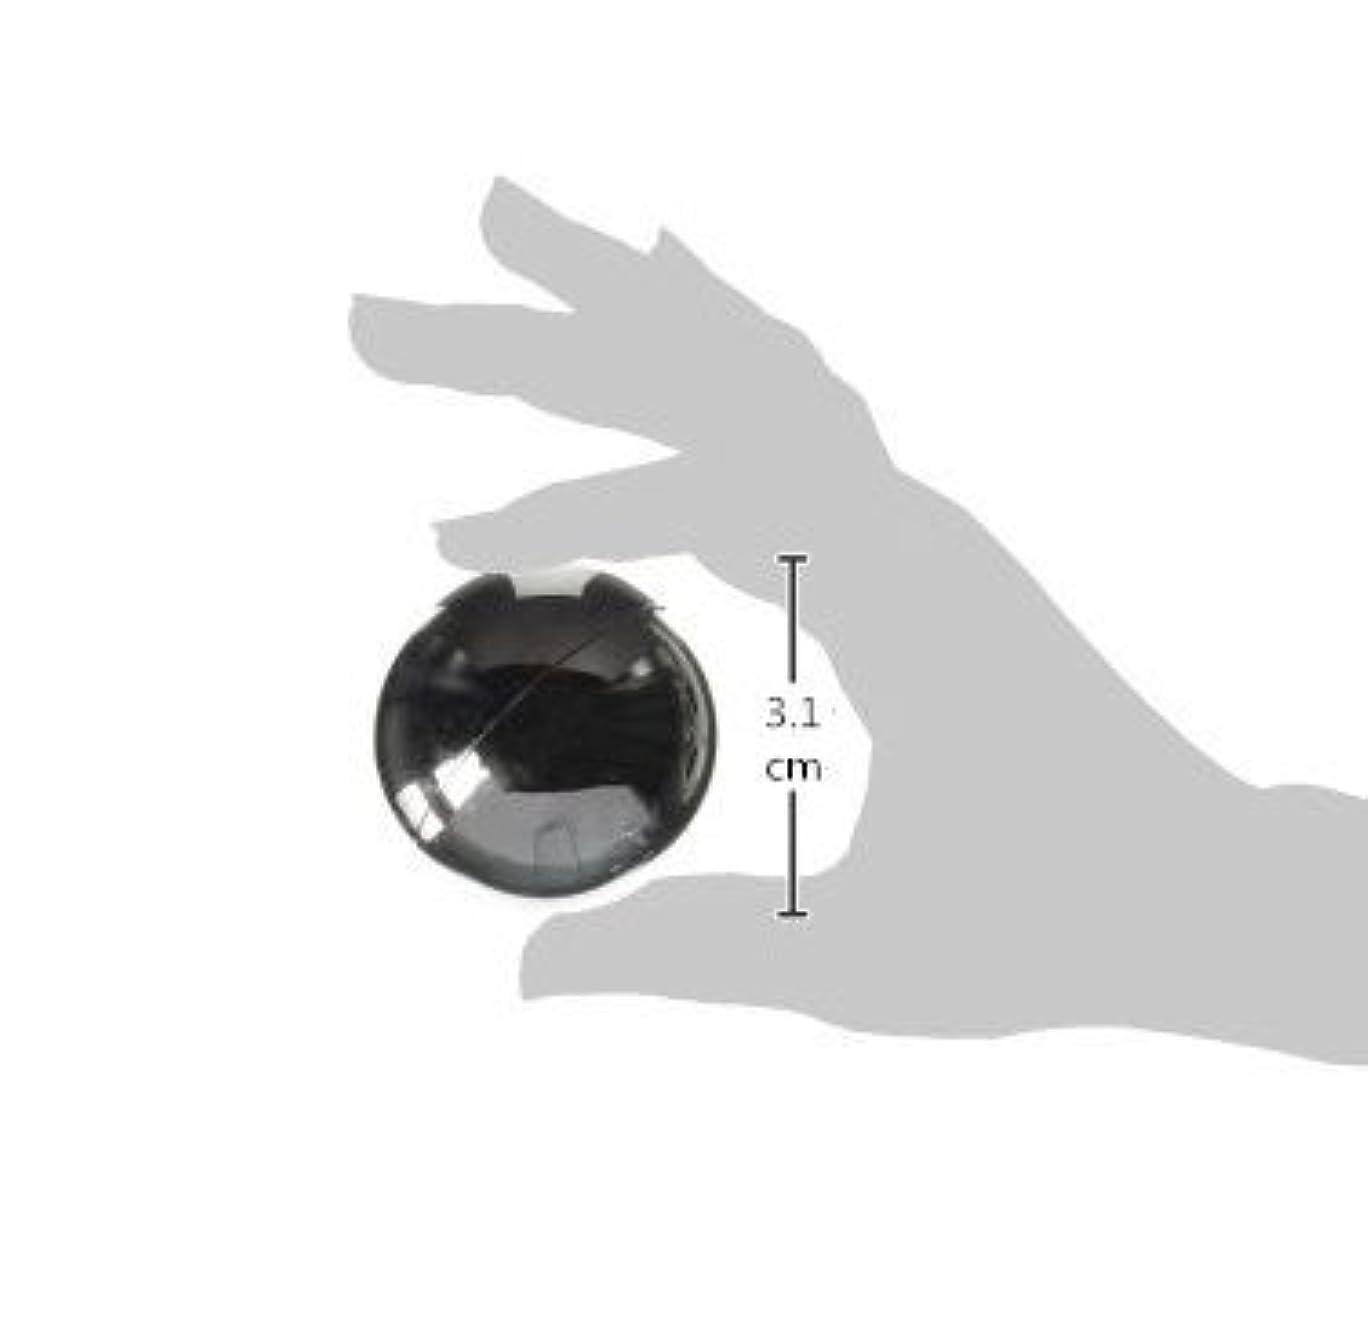 黒くする黒くする予備シルバーシリコンベンガボールケーゲル運動の指示